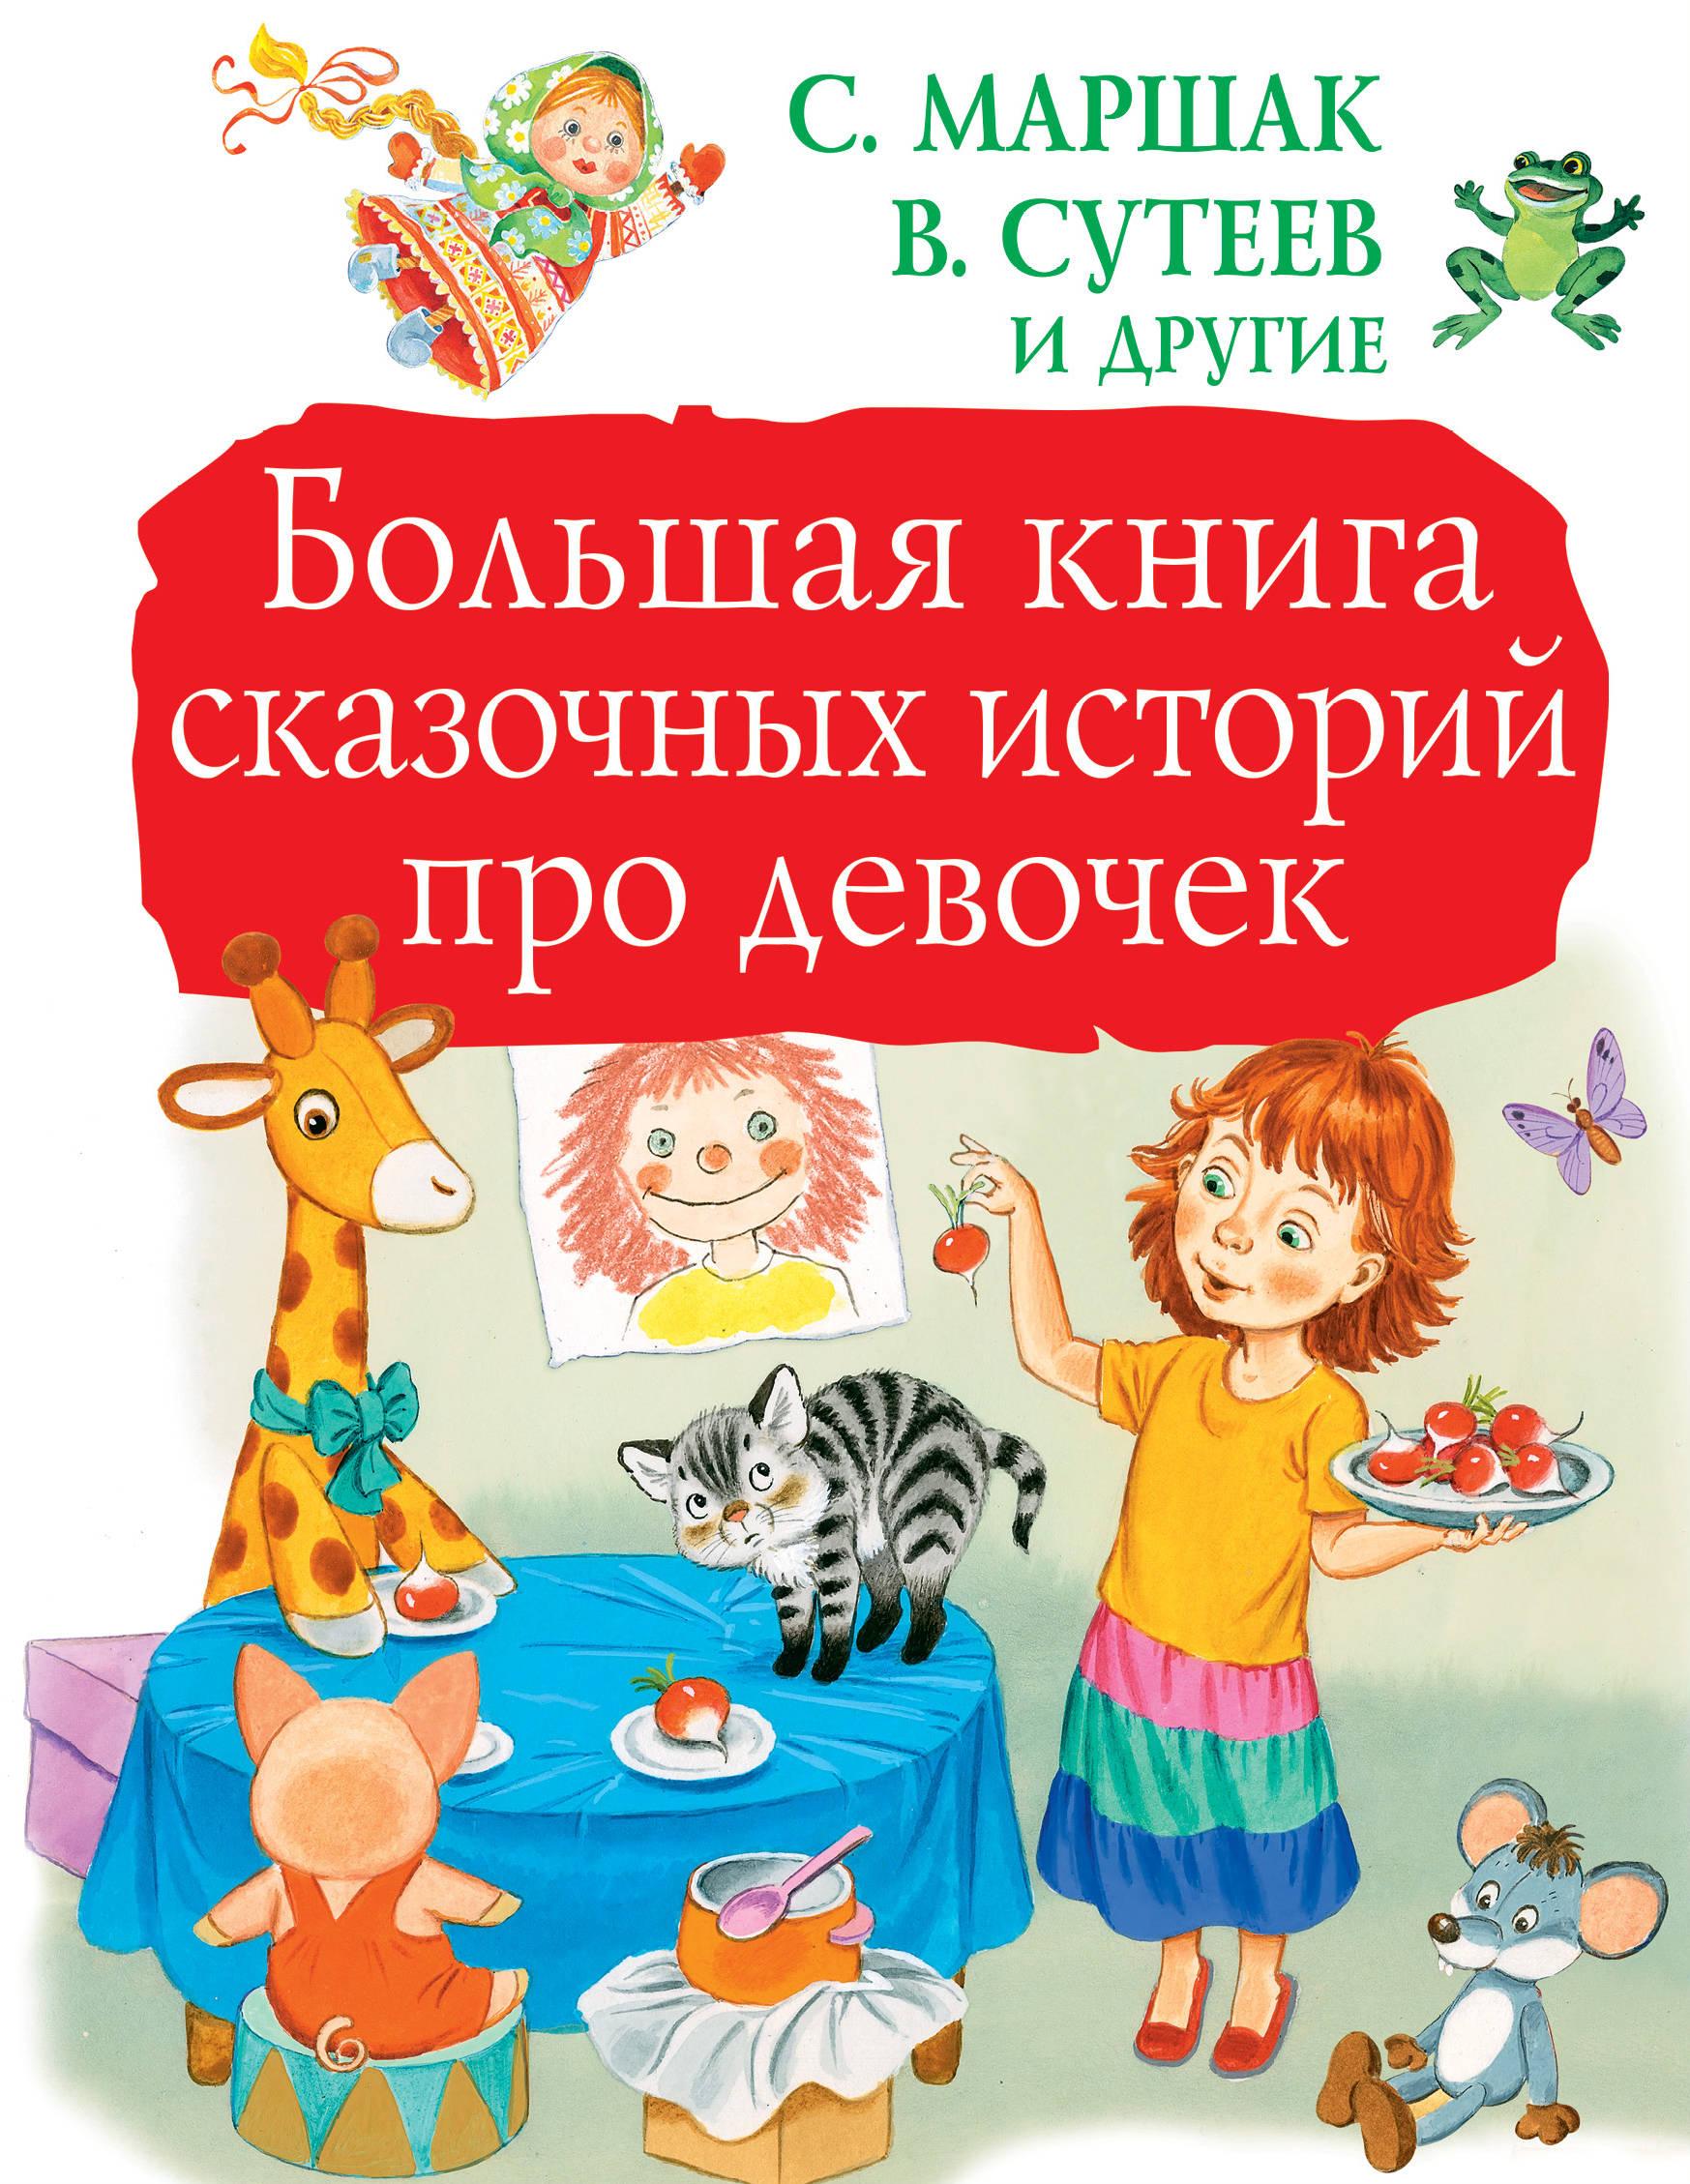 все цены на С. Маршак, В, Сутеев и другие Большая книга сказочных историй про девочек онлайн